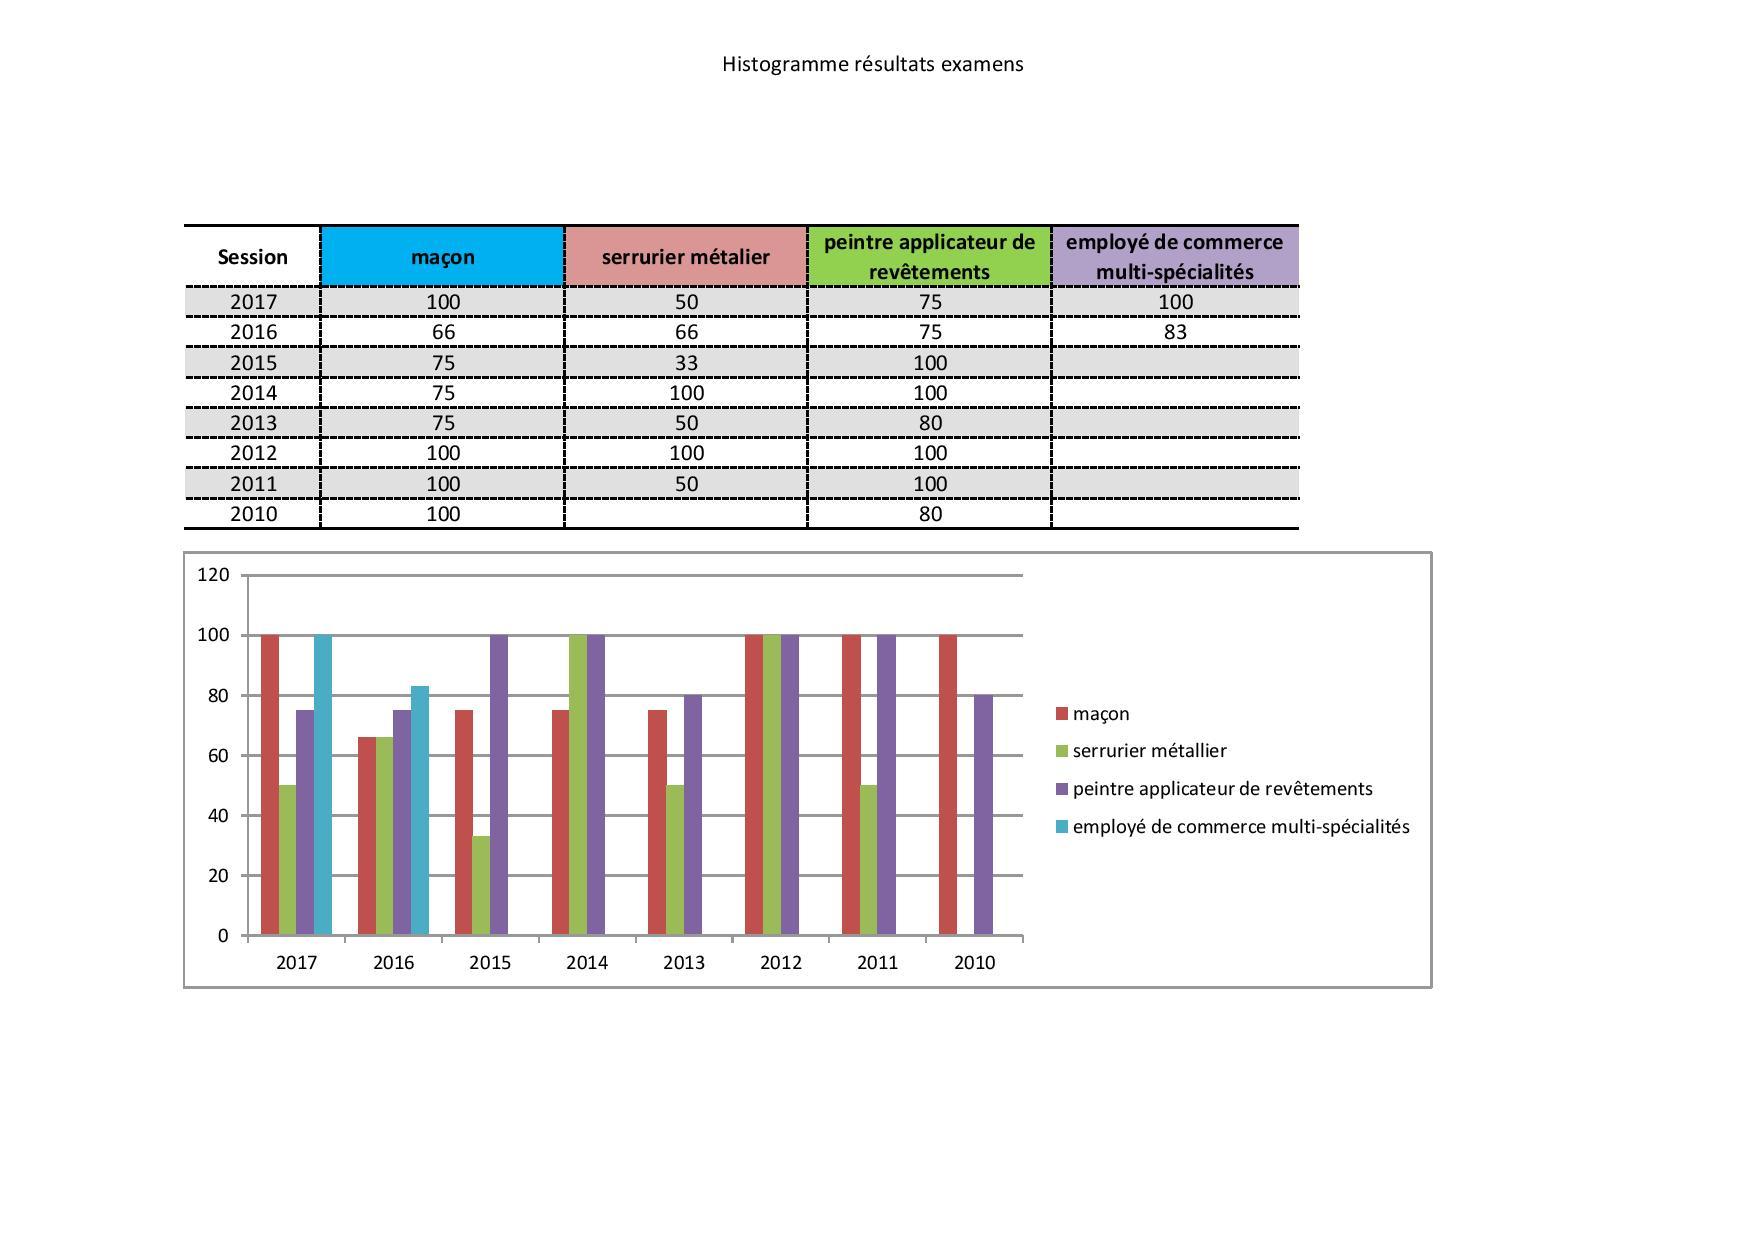 histogramme resultat examen